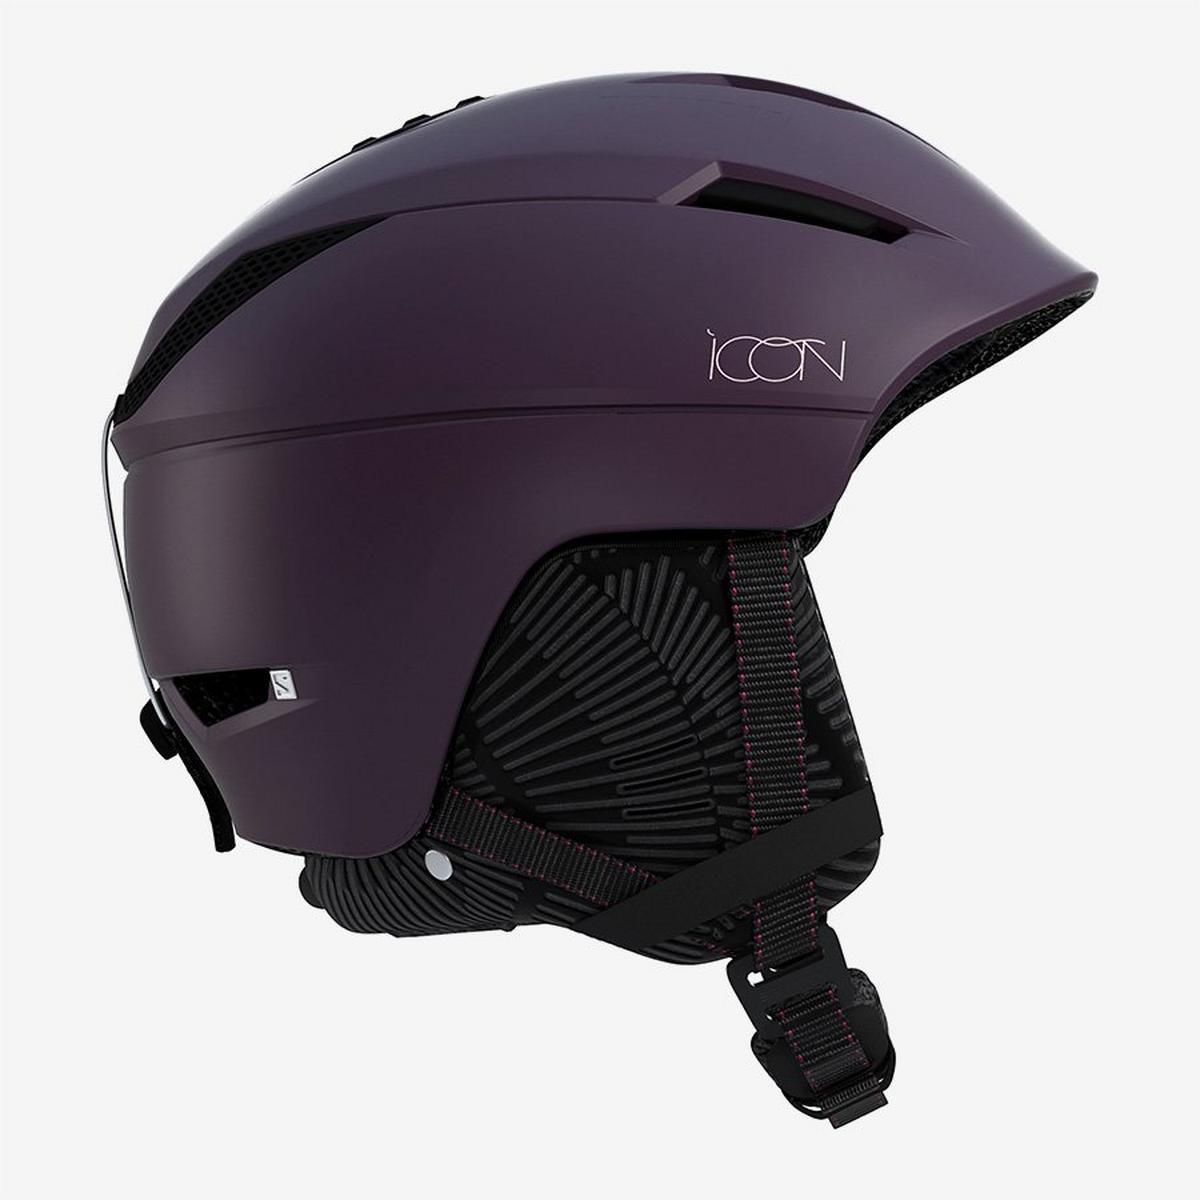 Salomon Women's Icon2 C.Air Helmet